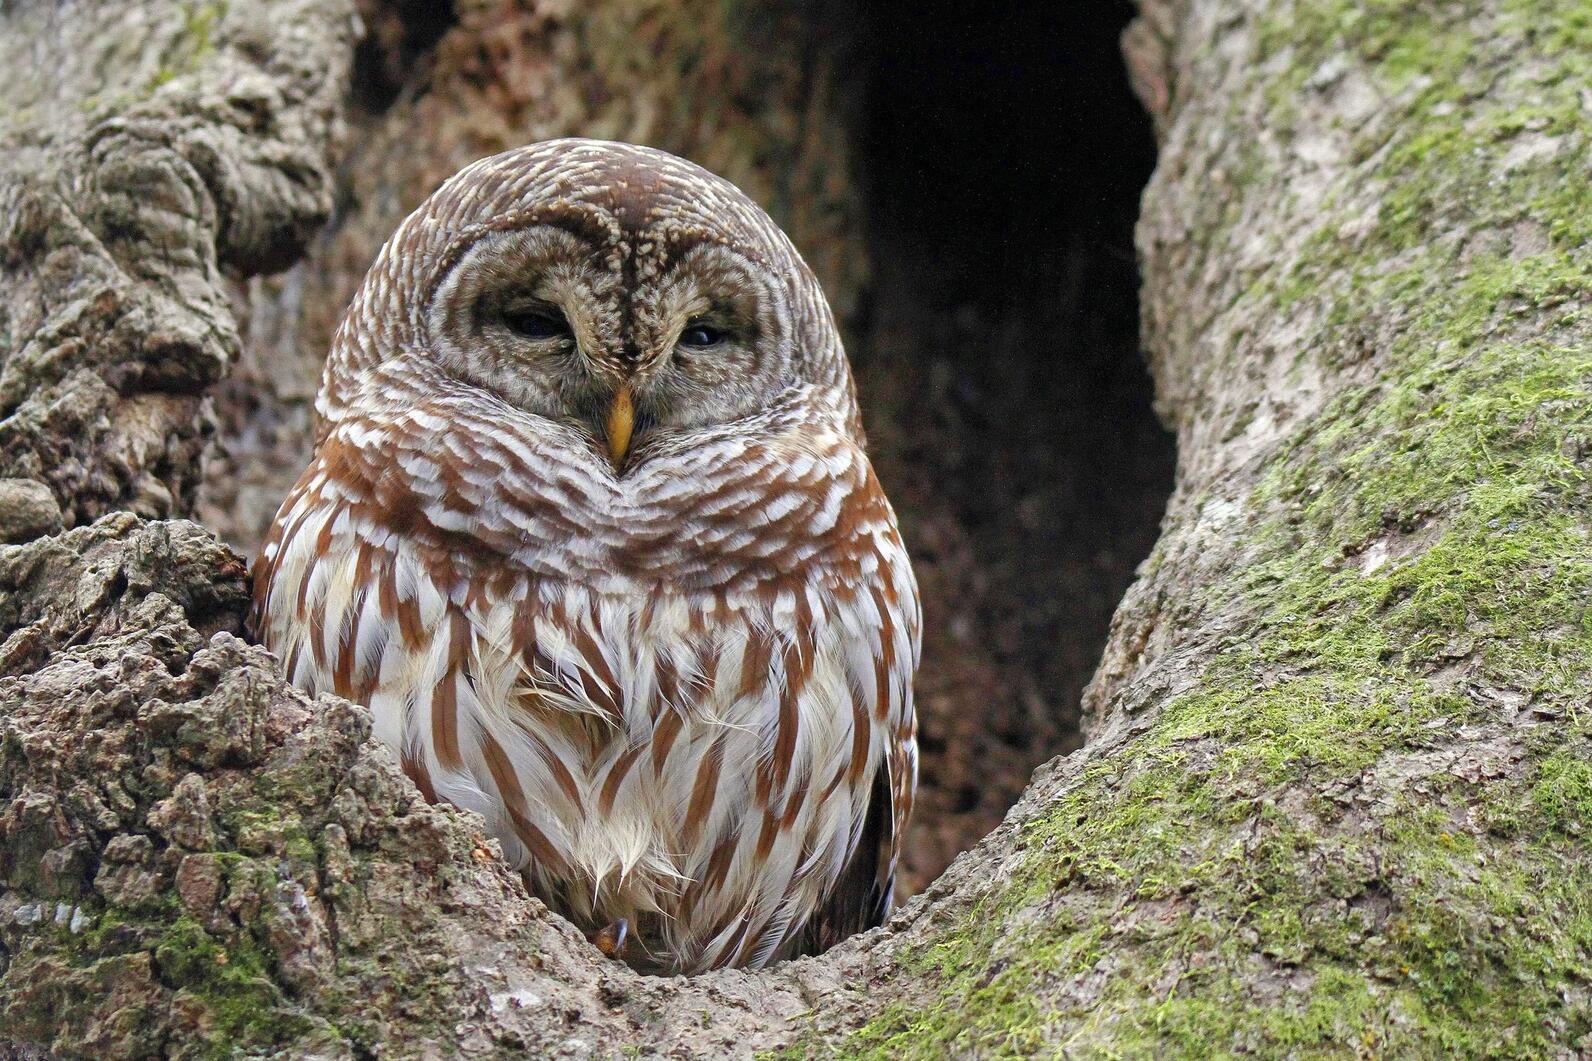 Barred owl in a sugar maple